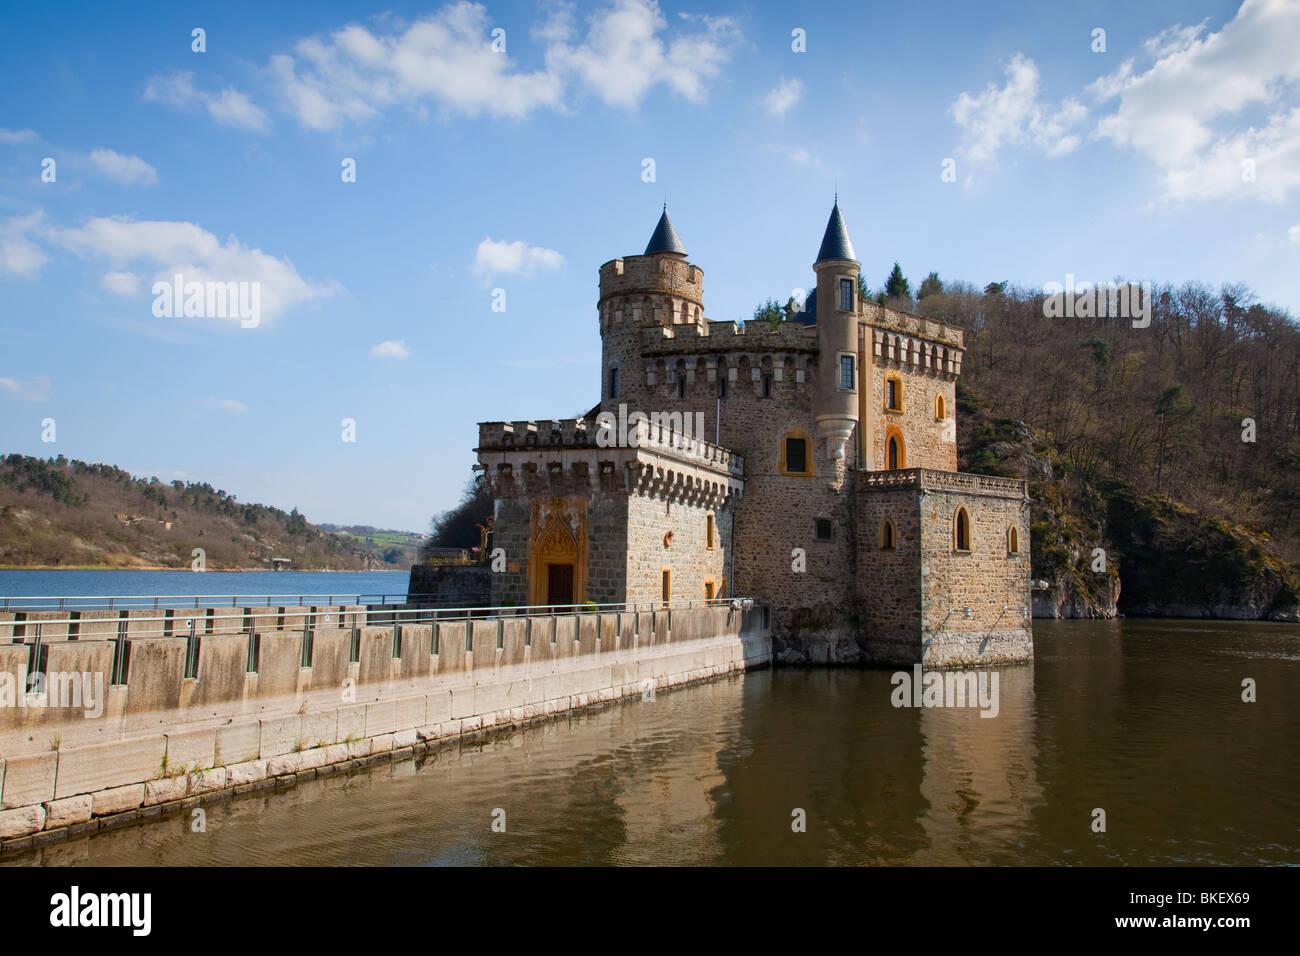 Chateau de la roche at saint priest la roche near roanne france stock photo 29216721 alamy - Stock cuisine saint priest ...